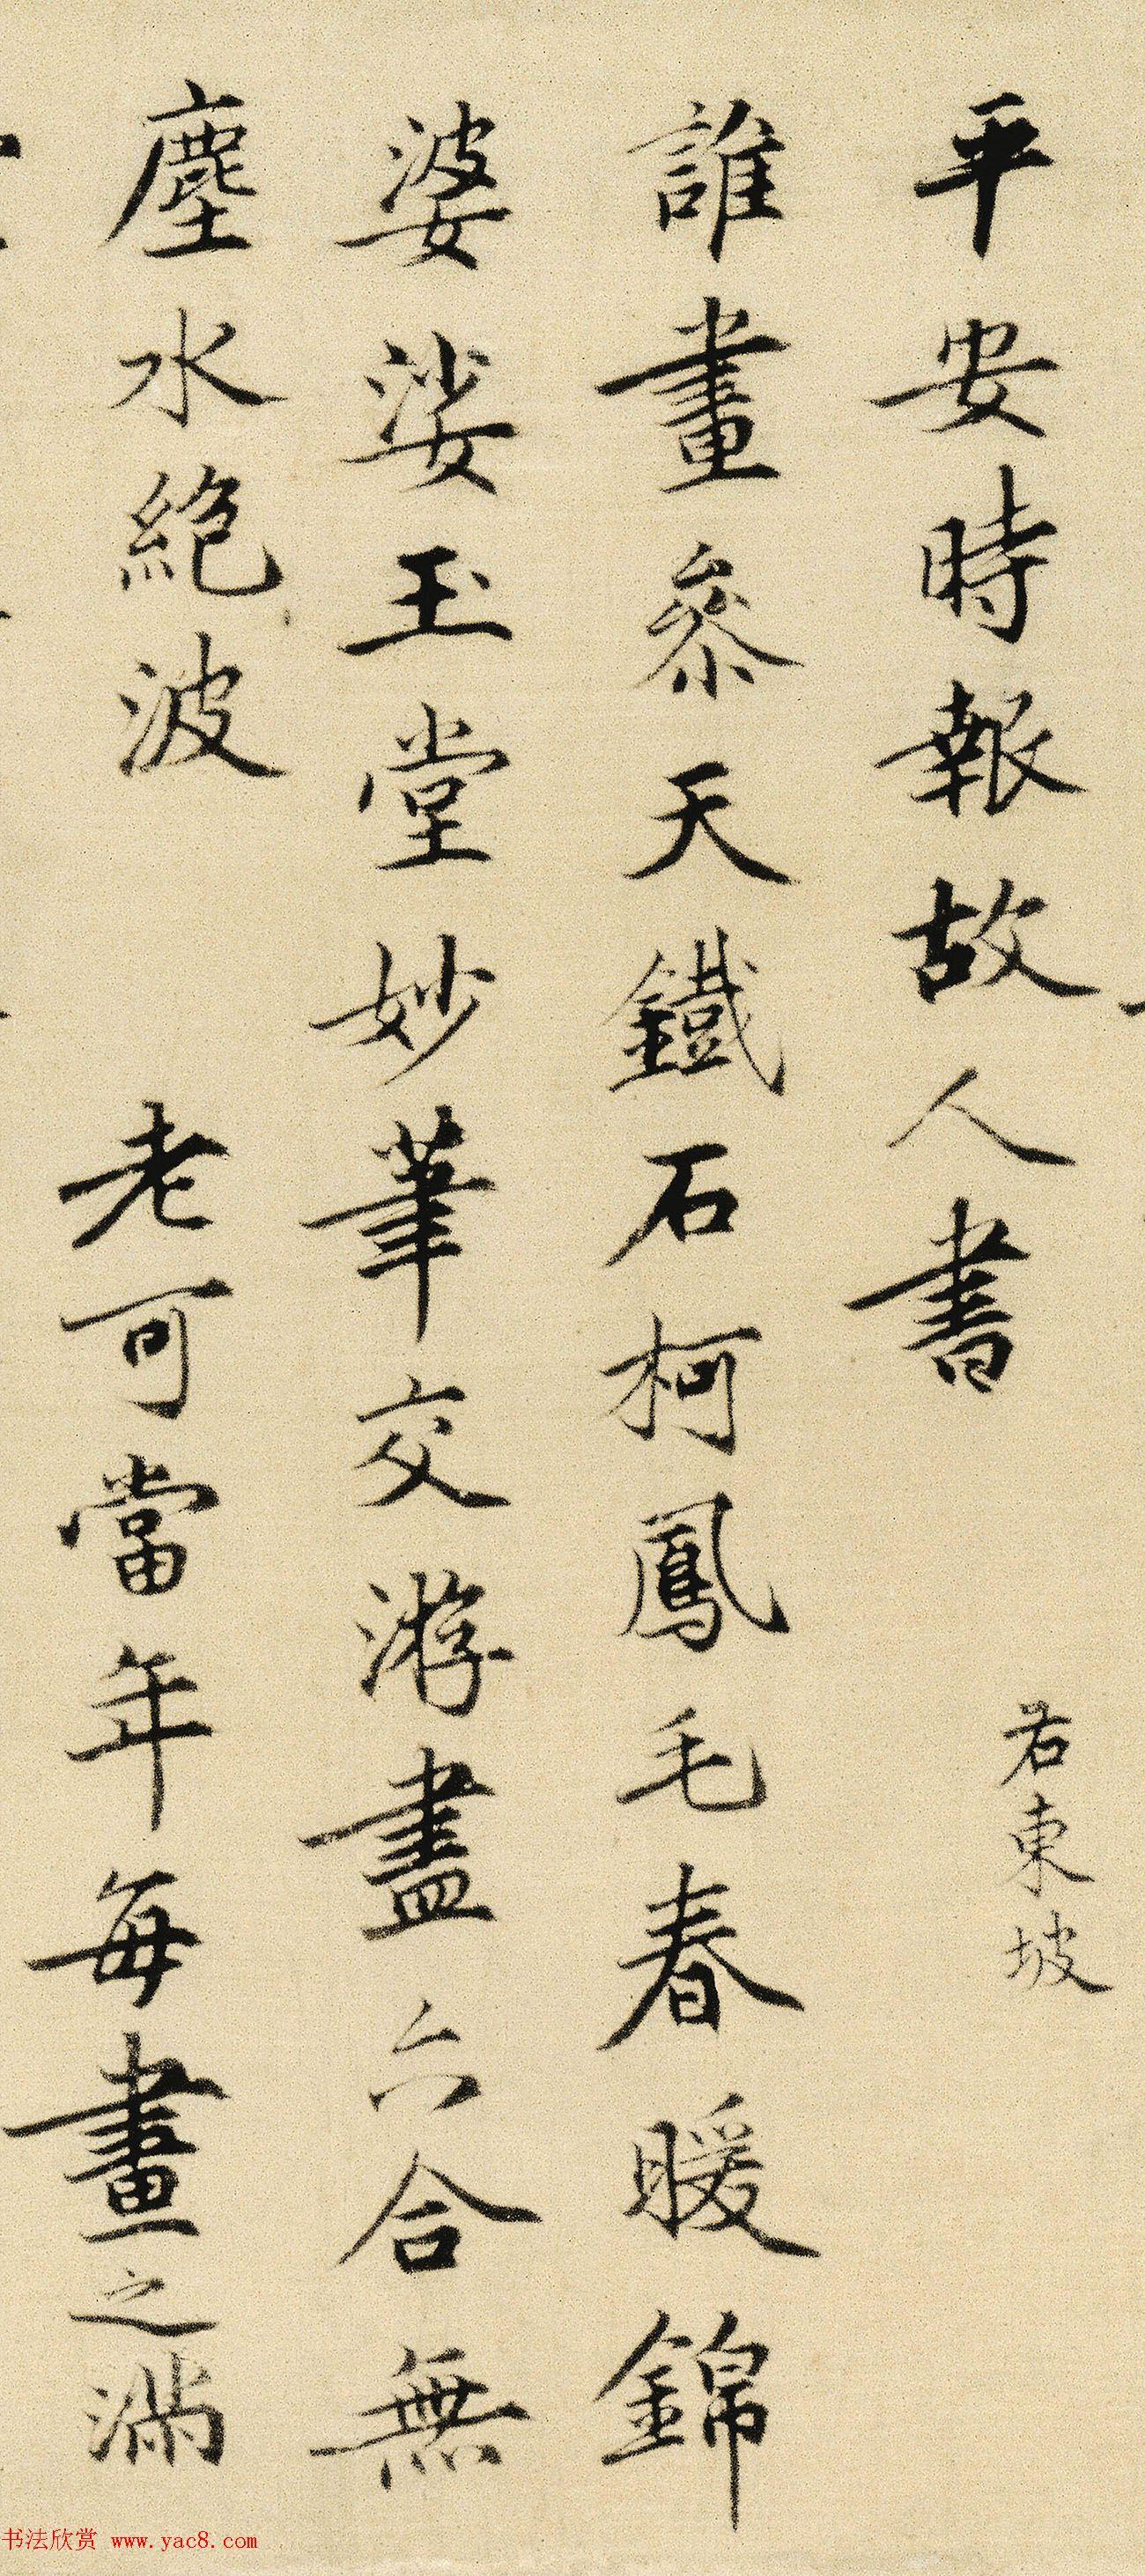 明代状元陈循书法墨迹